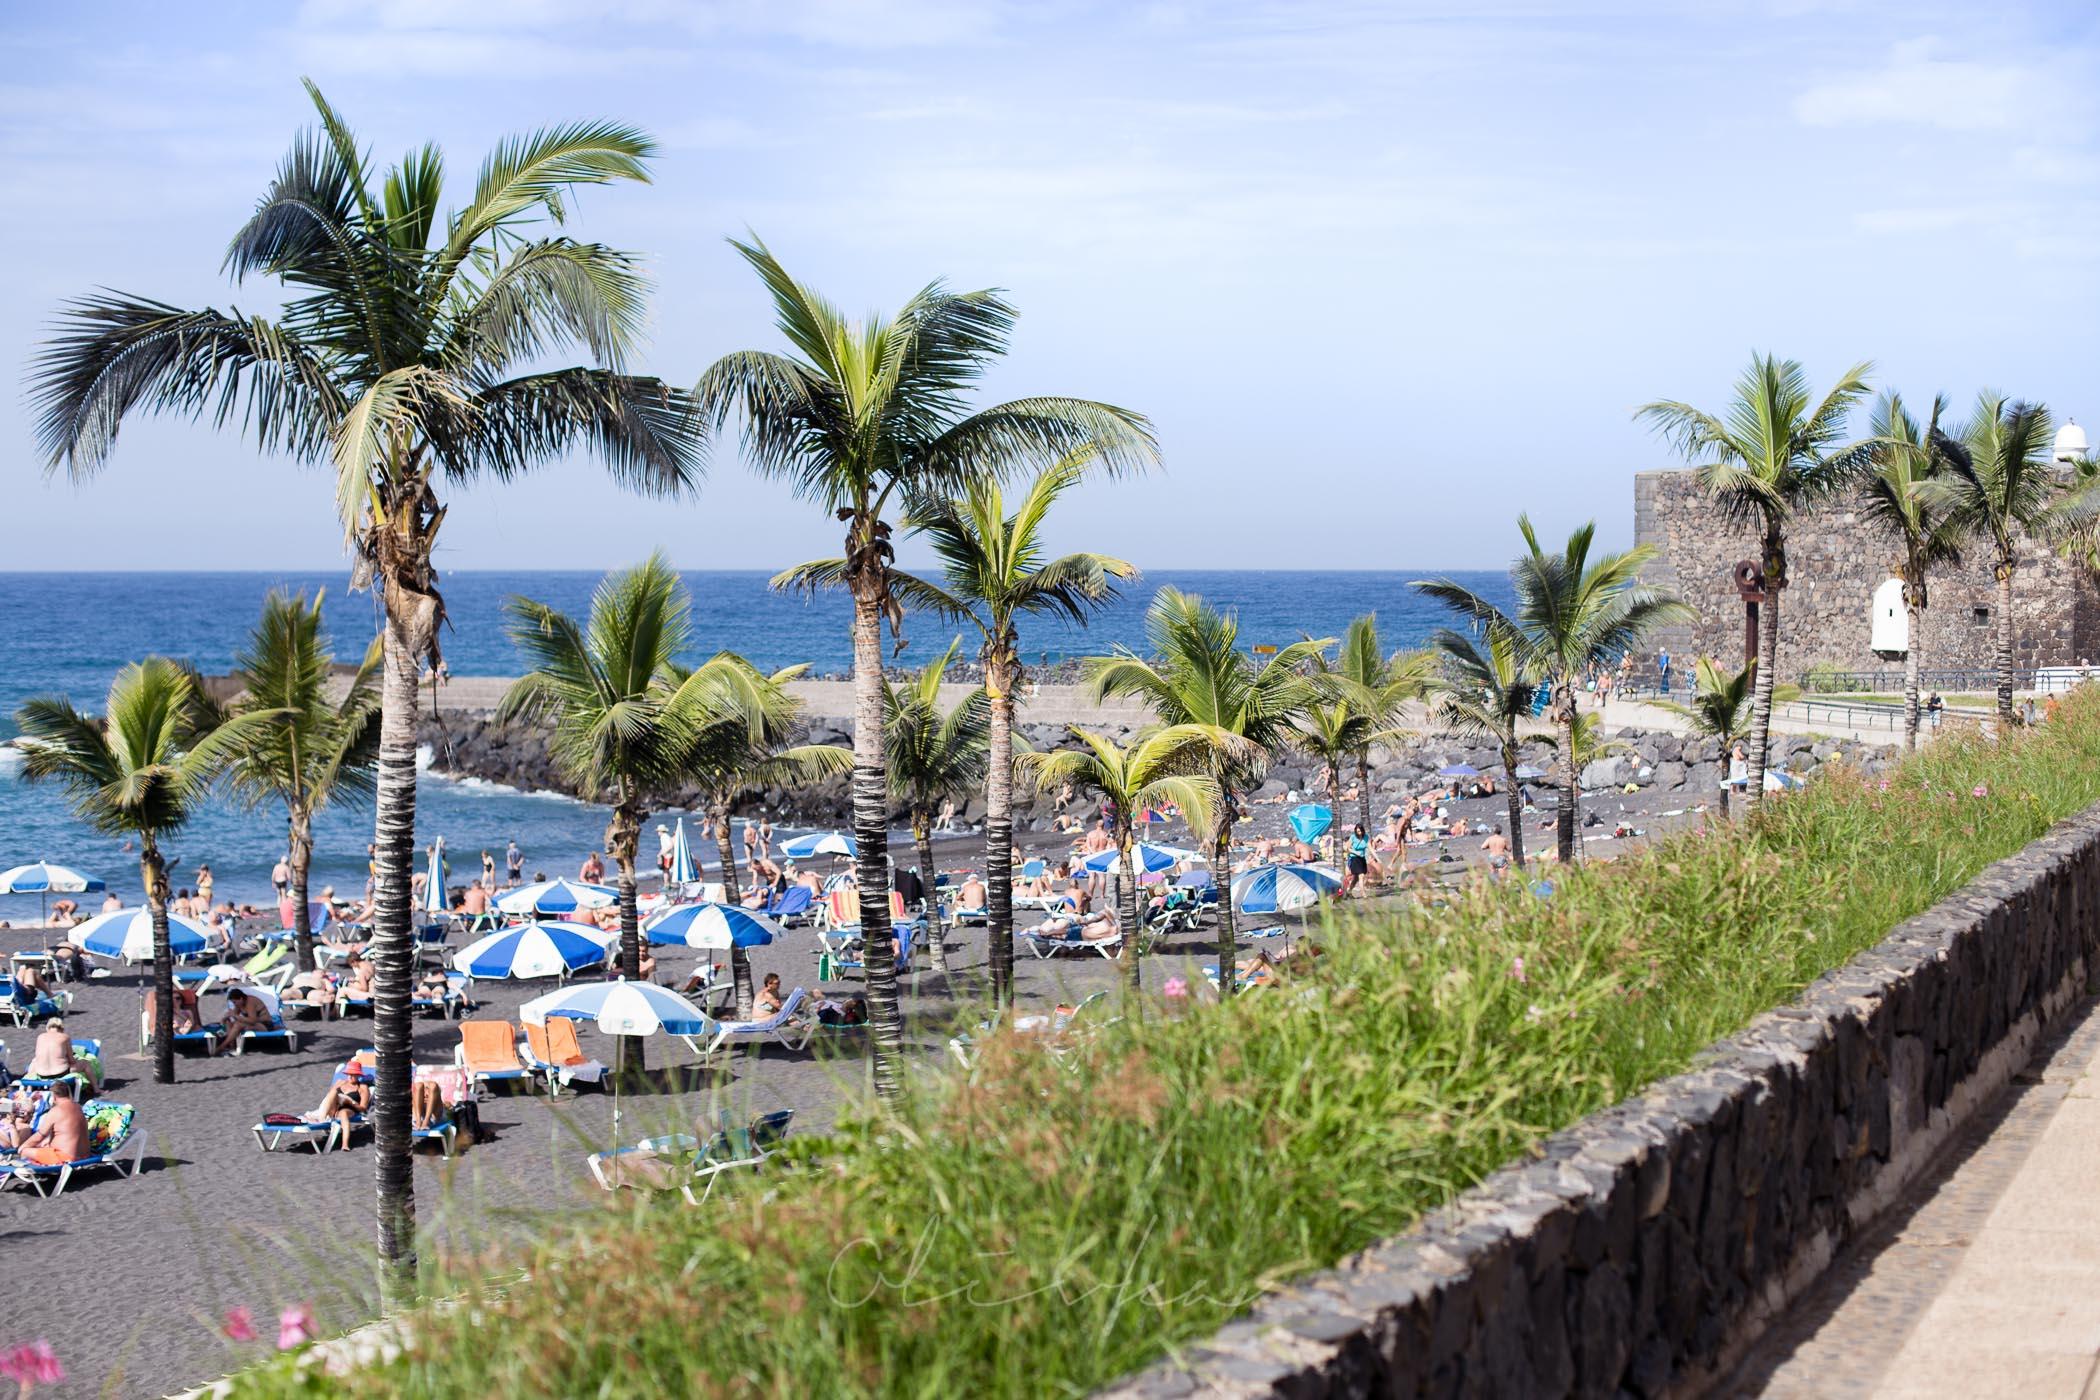 Widok na plażę z promenady